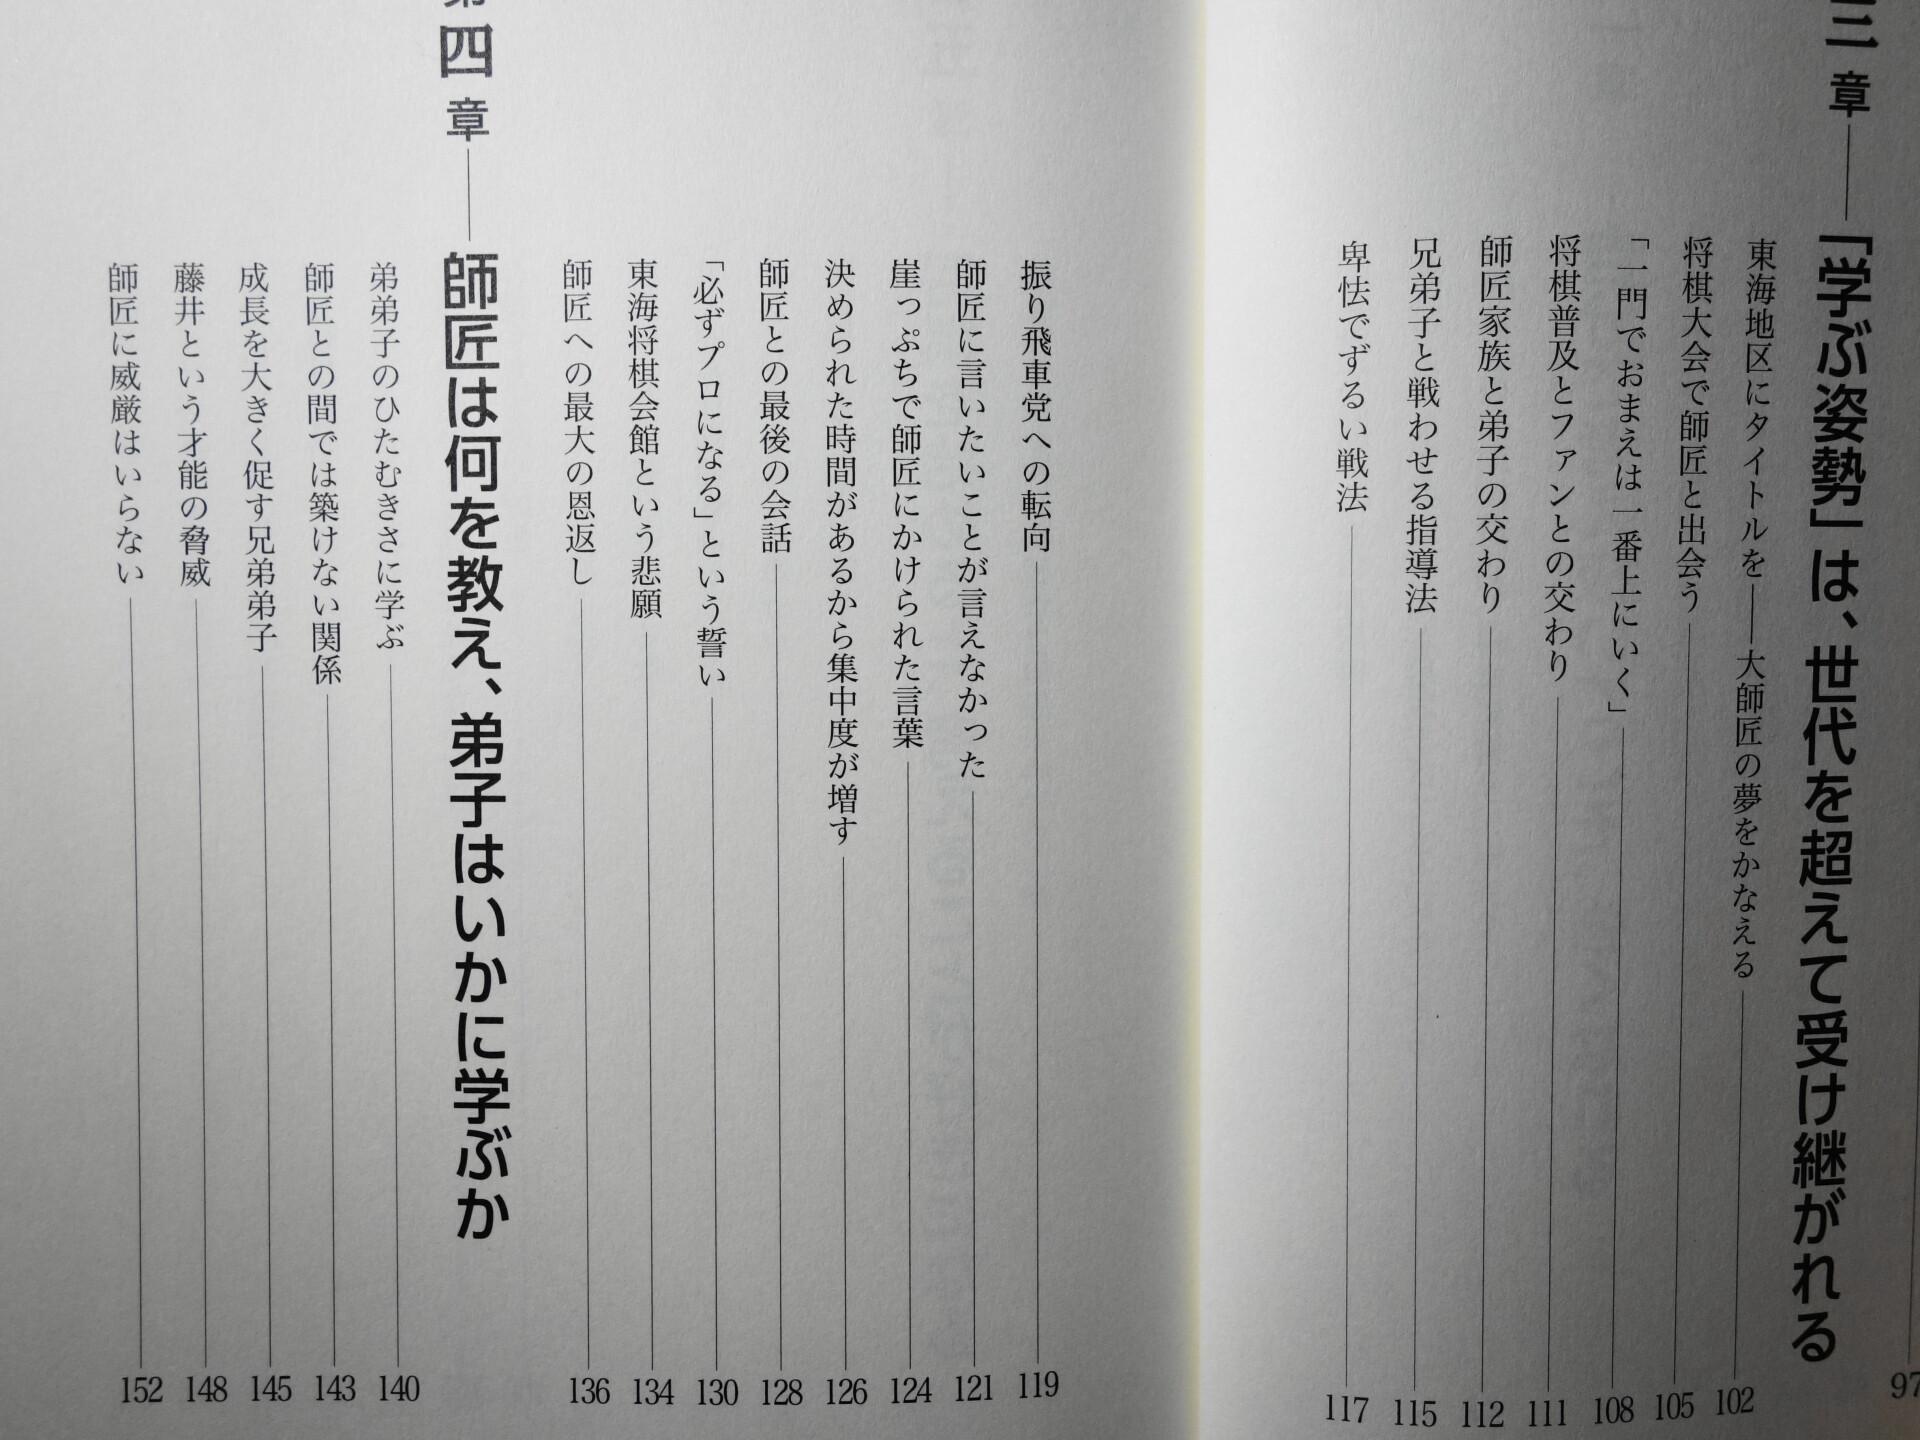 藤井聡太の学び方の目次